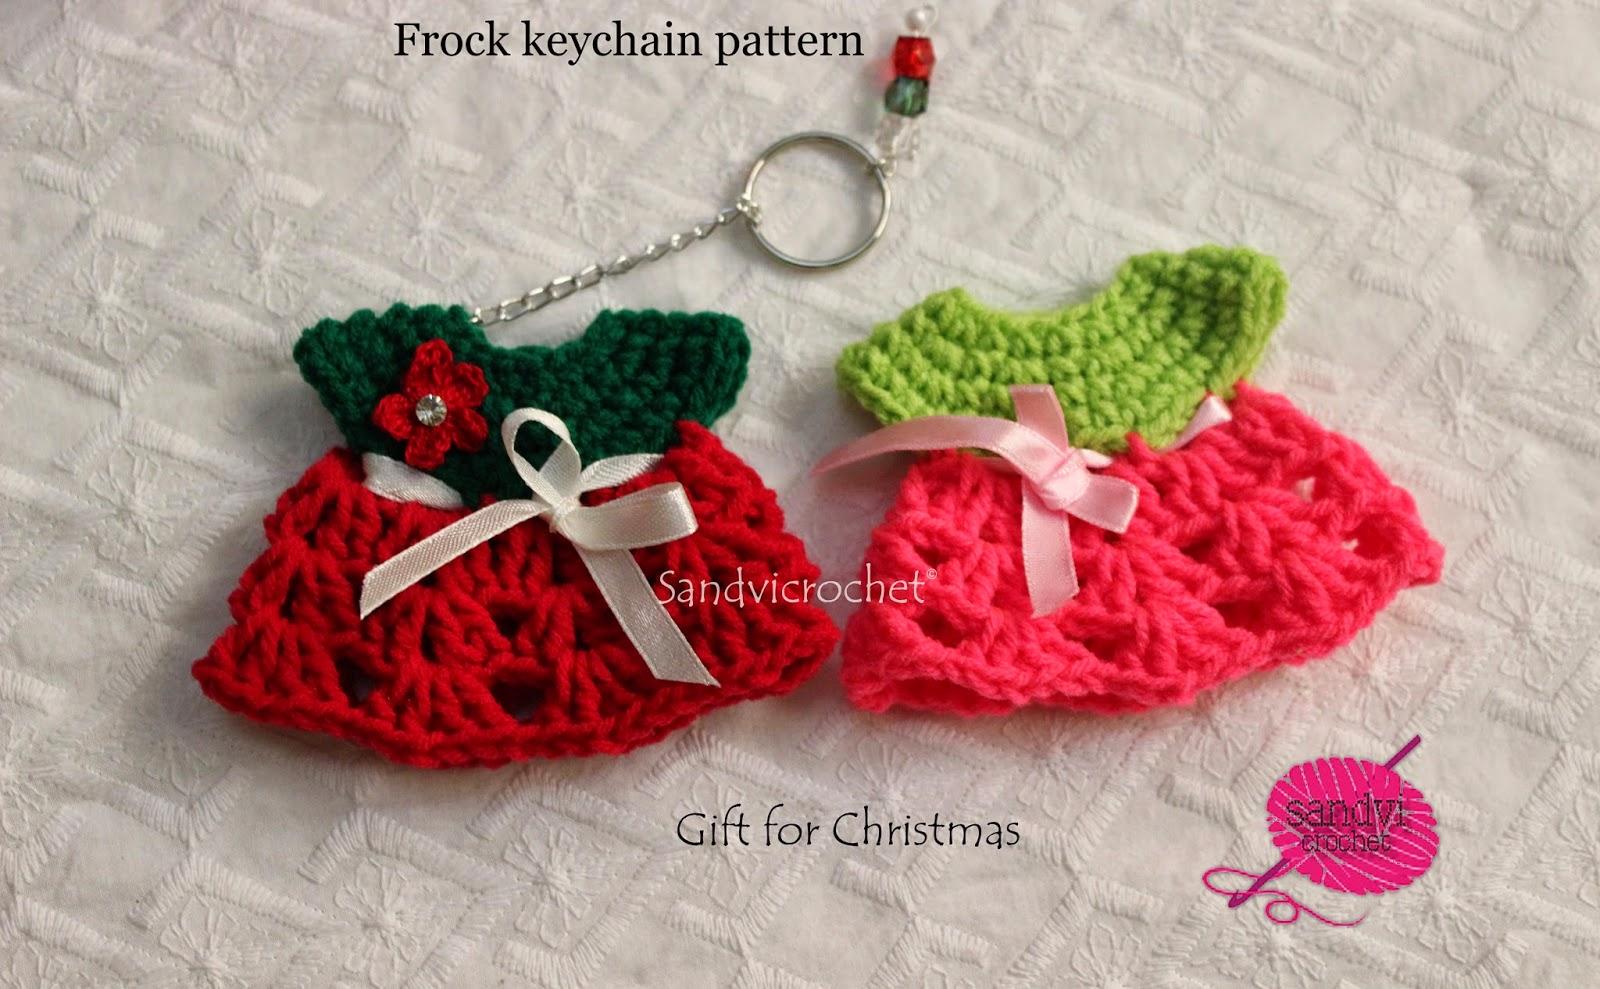 Sandvicrochet Free Pattern Crochet Frock Keychain